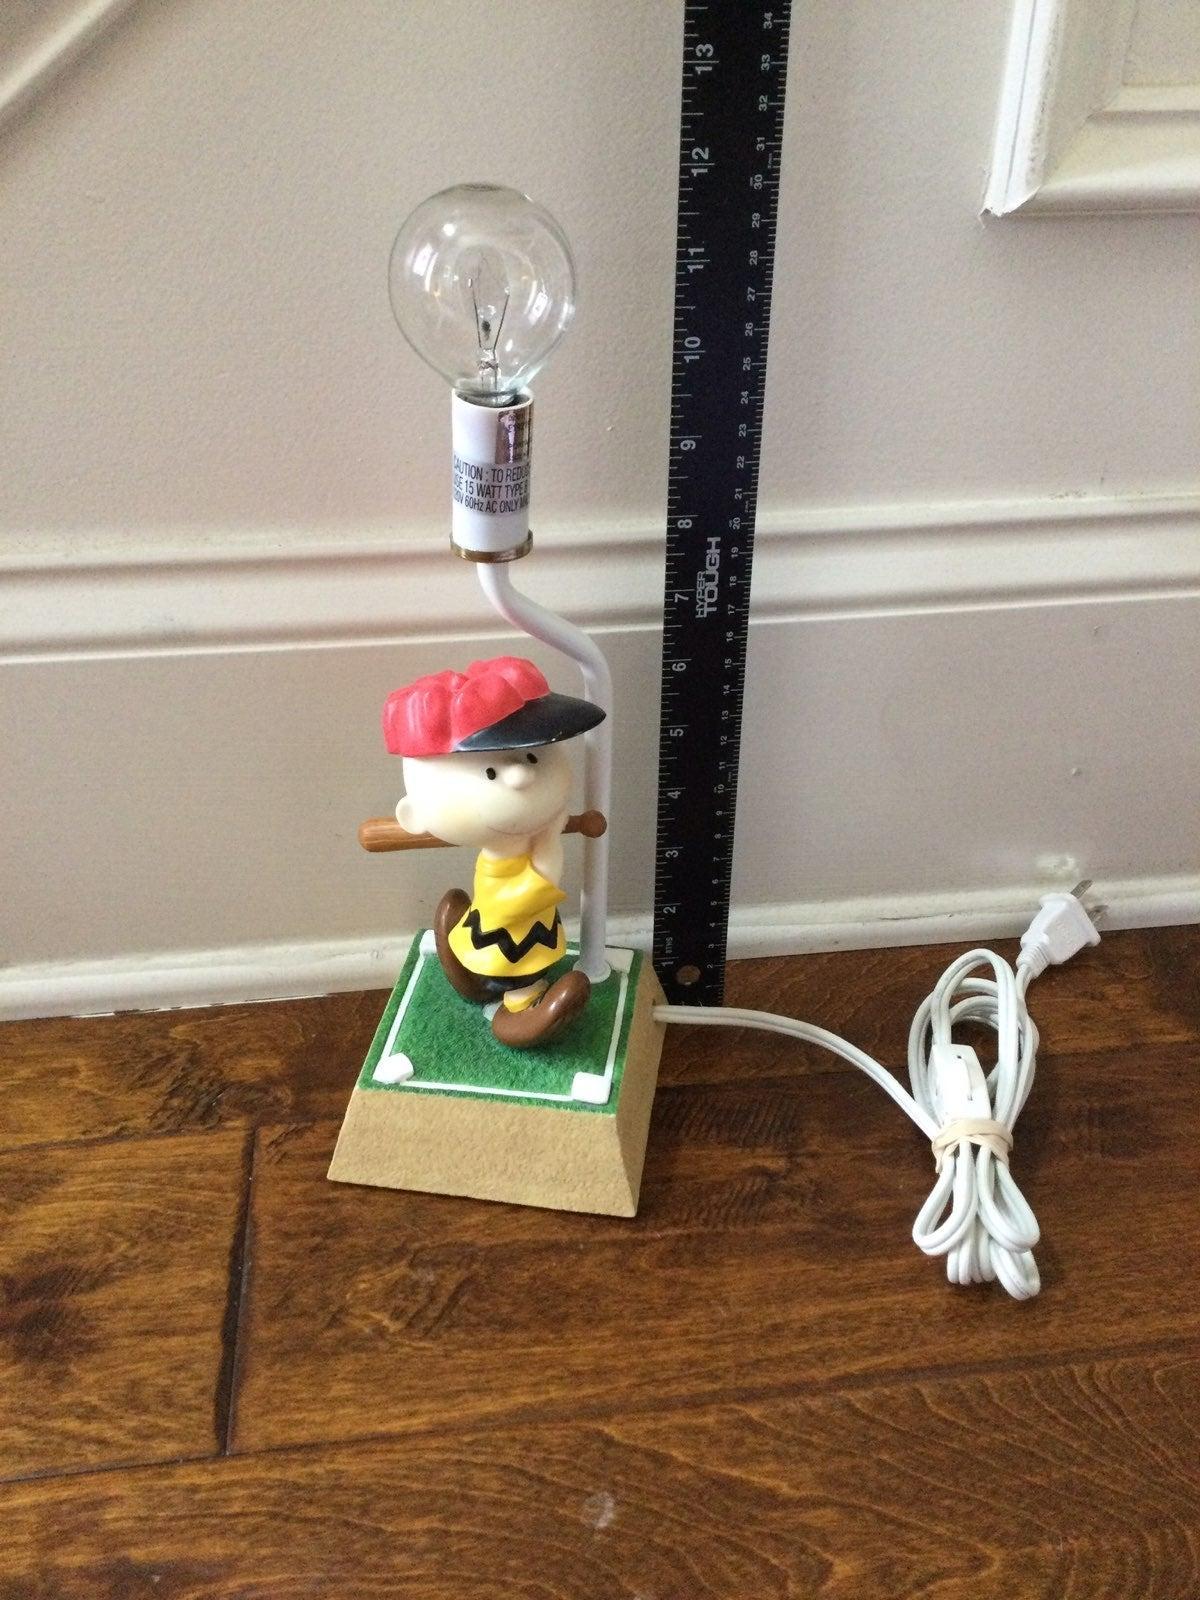 Vintage Peanuts Charlie Brown lamp